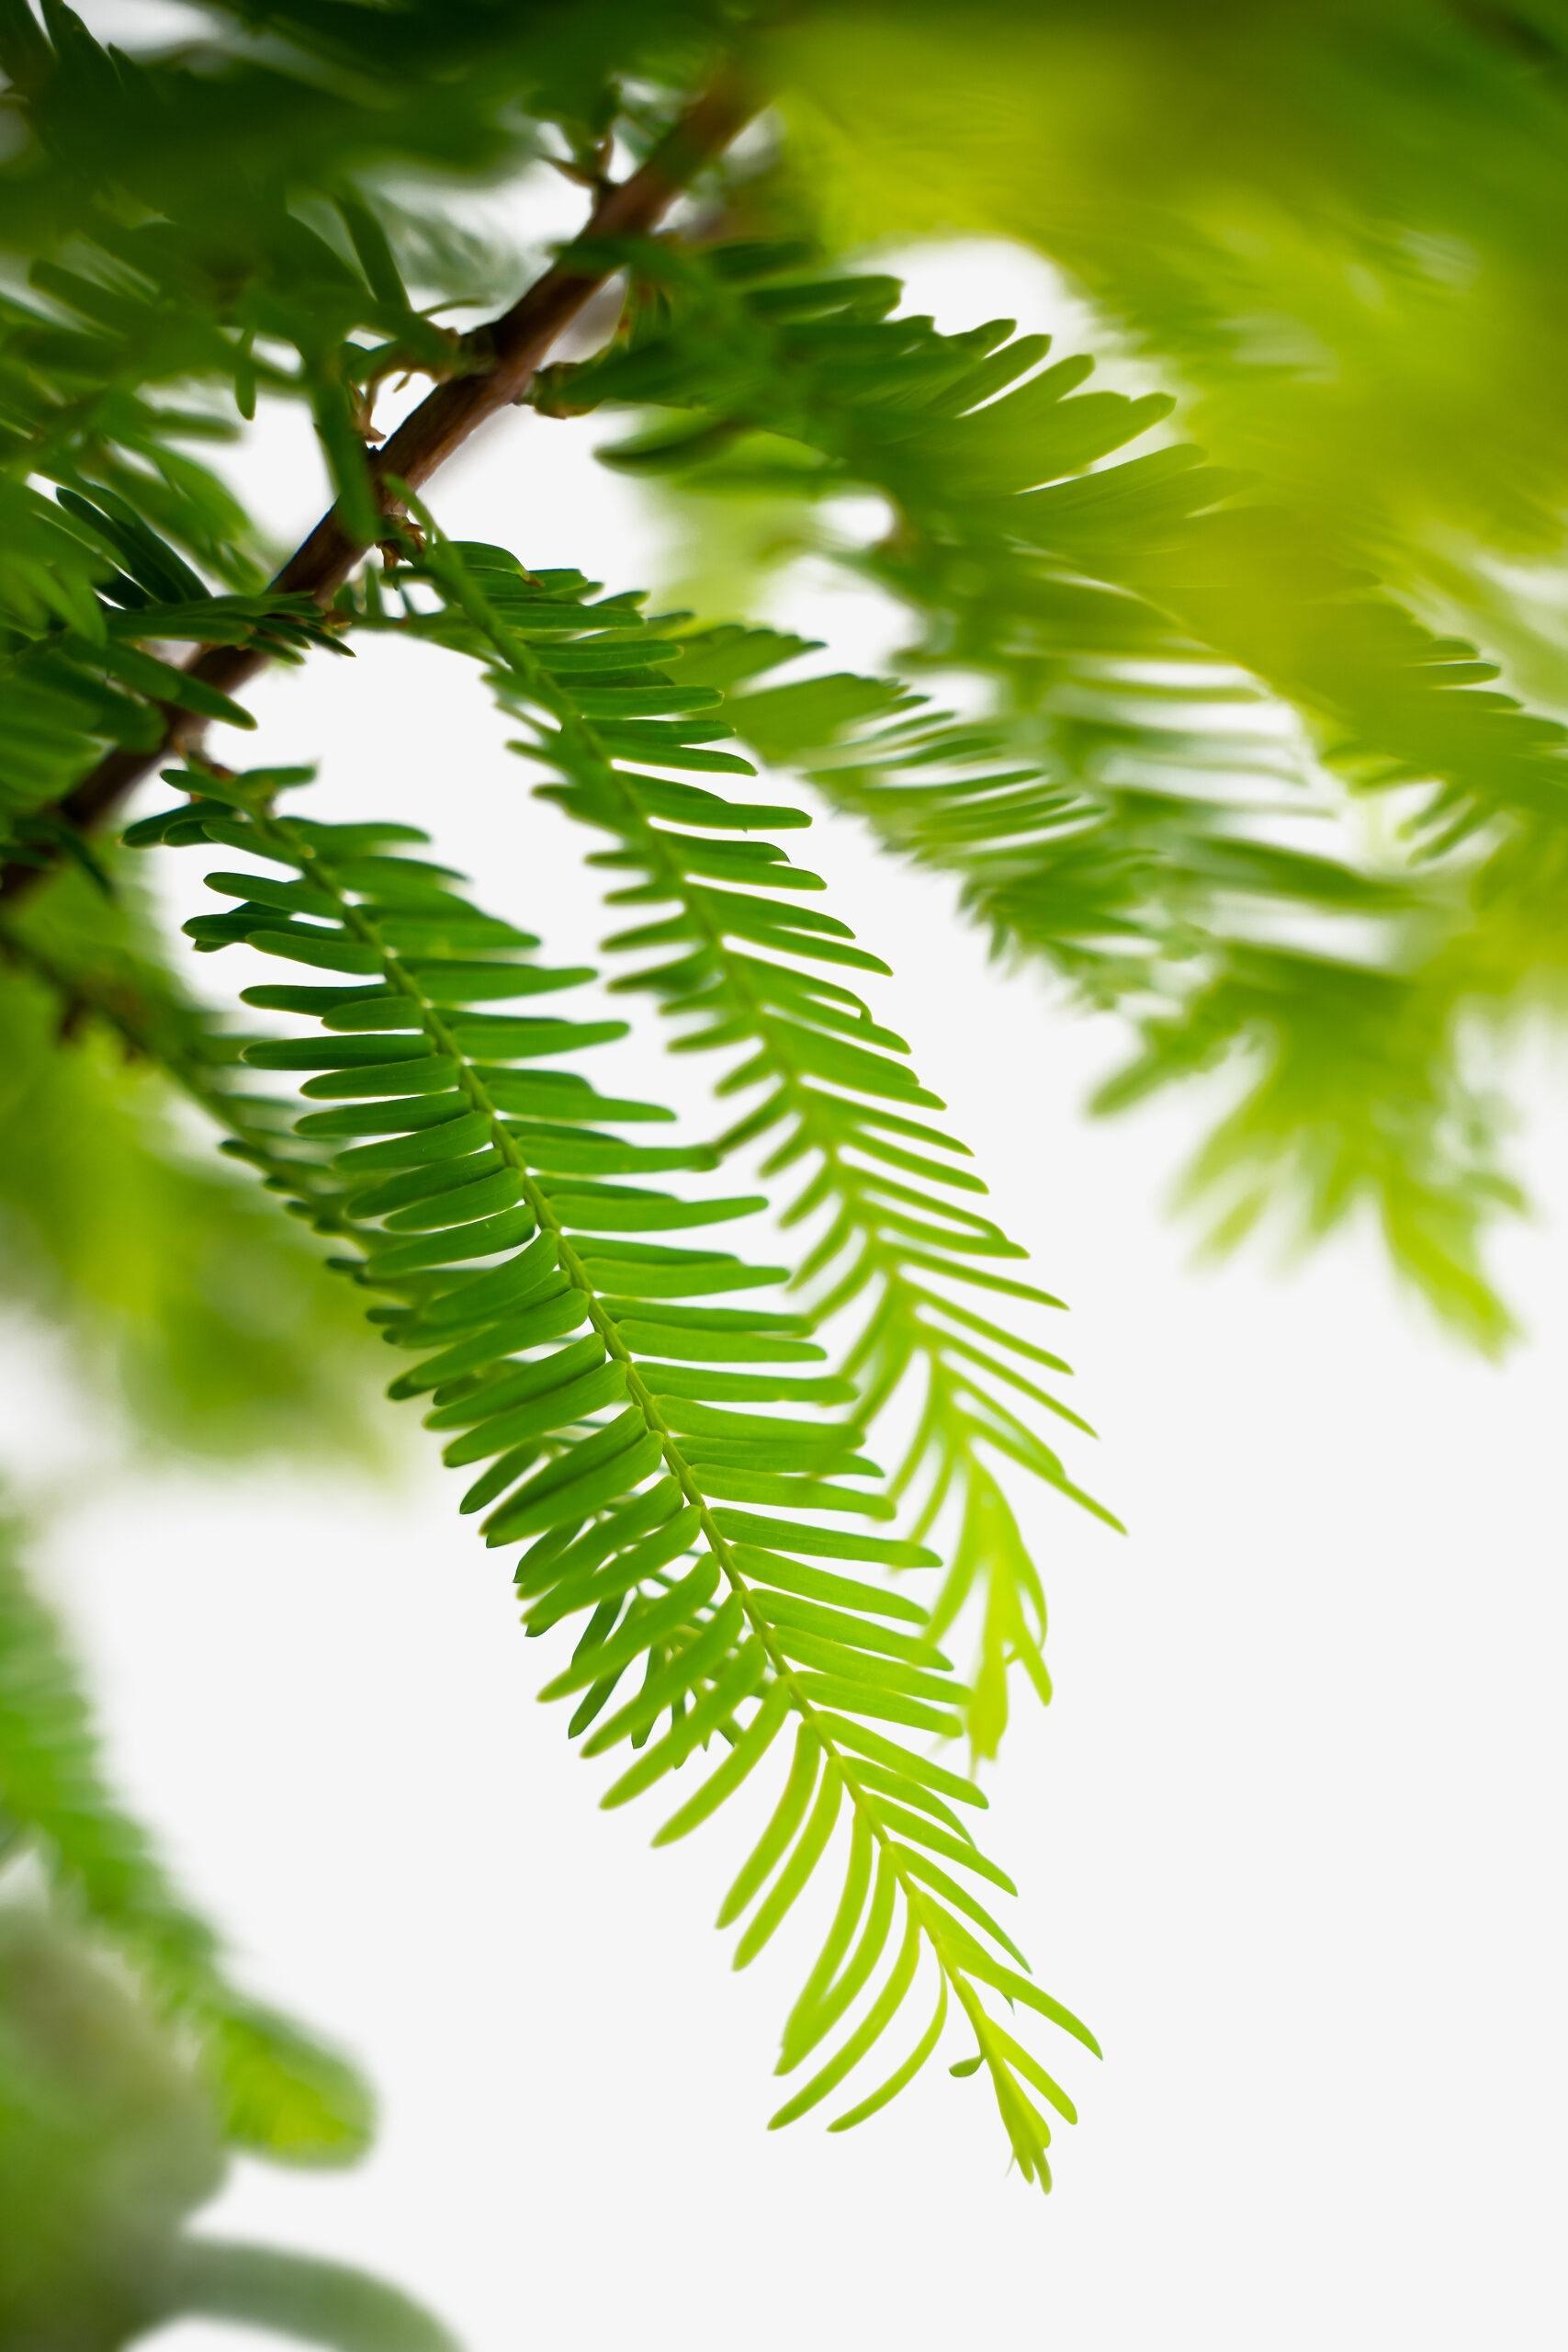 Chiêm ngưỡng vẻ đẹp lạ lùng của rừng tùng và thủy sam gỗ đỏ quý hiếm ở Trung Quốc - Ảnh 6.